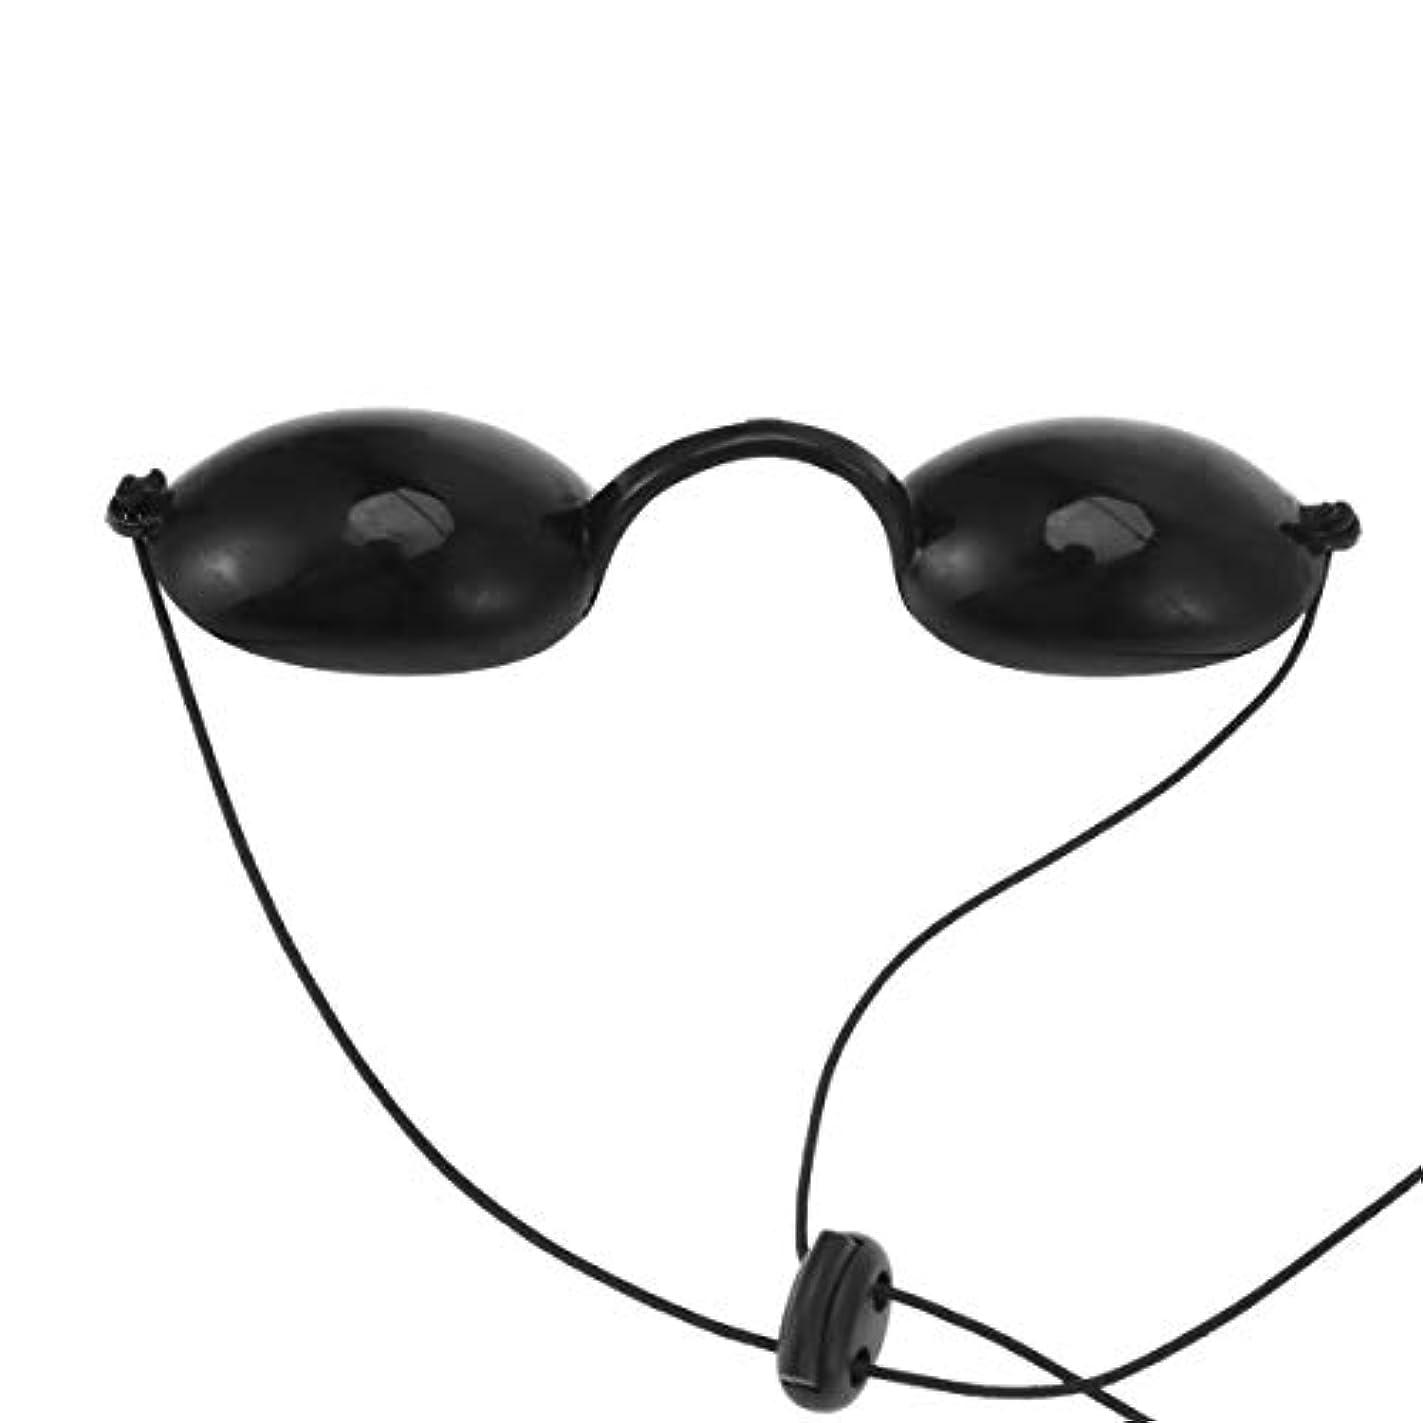 サージ伝染性愛人Healifty 眼用保護具日焼け止めゴーグル不透明保護メガネアイシールドスペシャル(目黒)